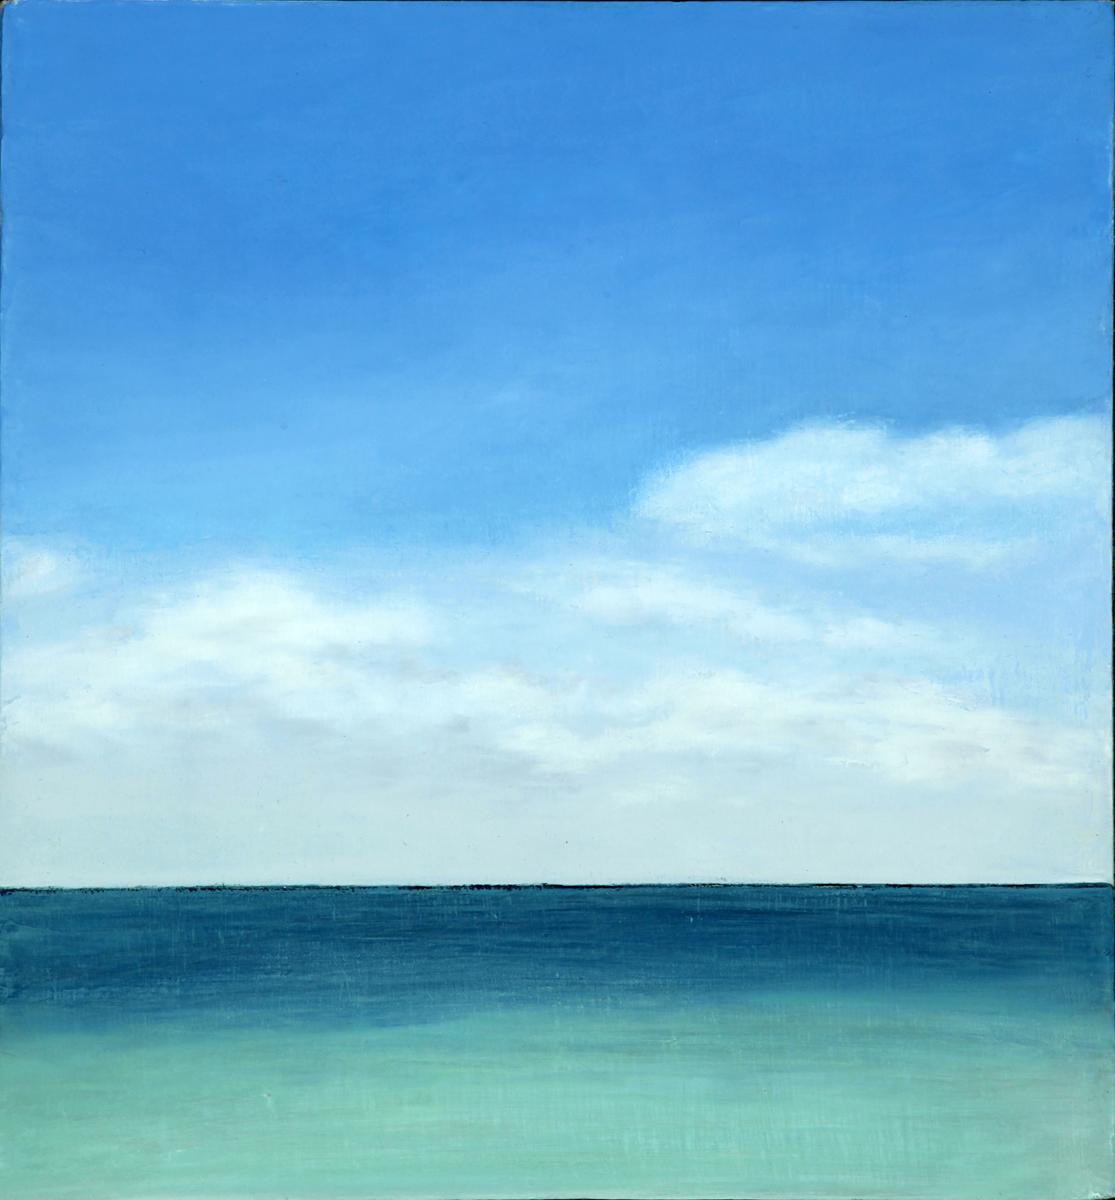 Pat de Groot, Horizon, PAAM Collection